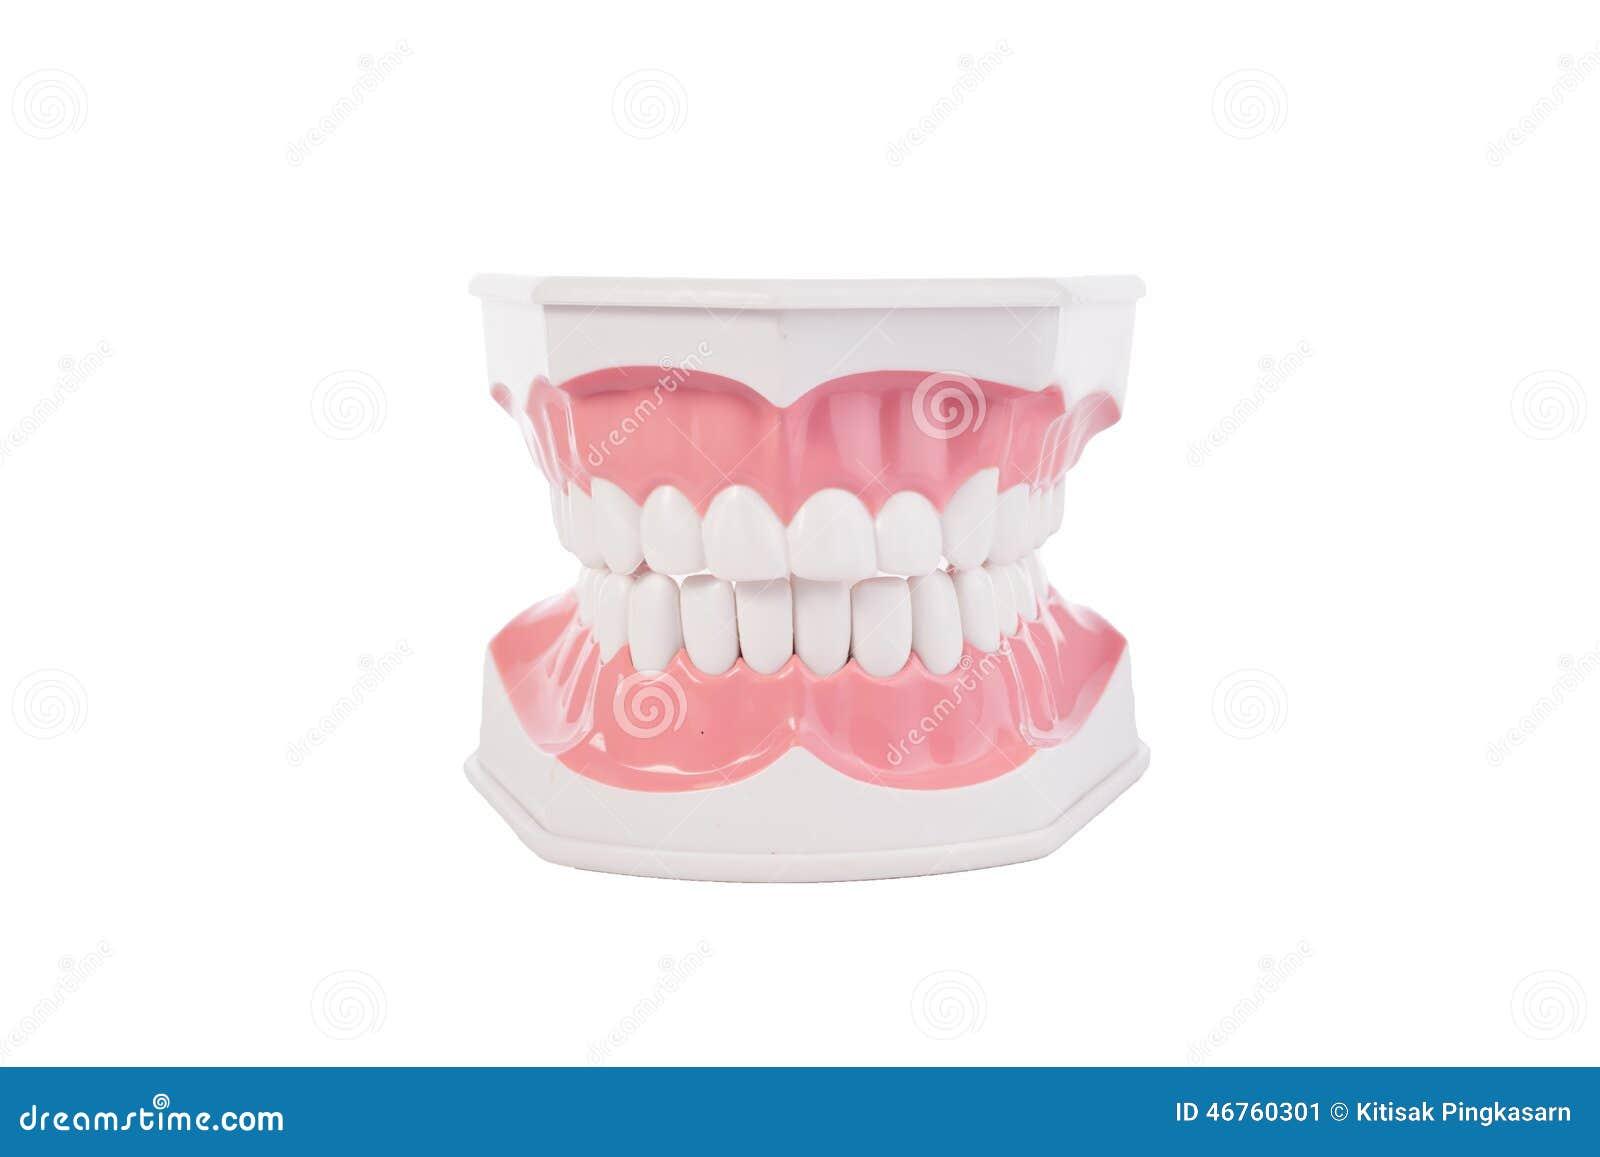 Modelo Anatómico De Los Dientes Humanos Blancos Sanos Odontología ...